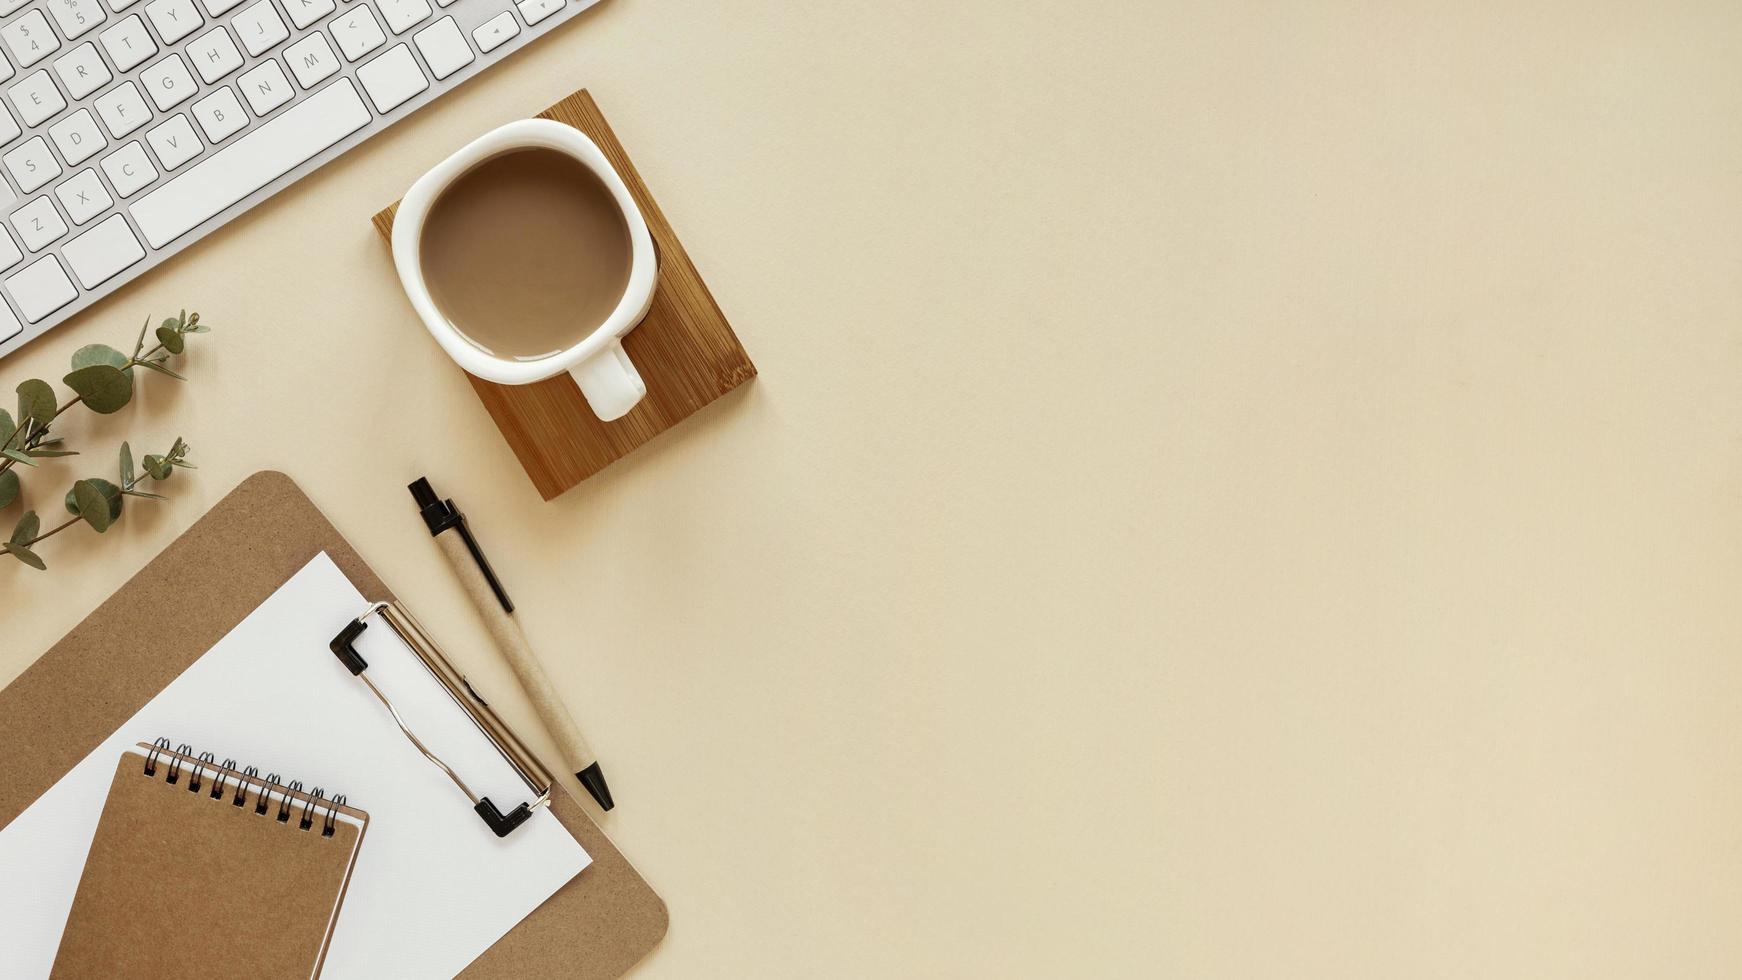 caffè e copia spazio sulla scrivania foto